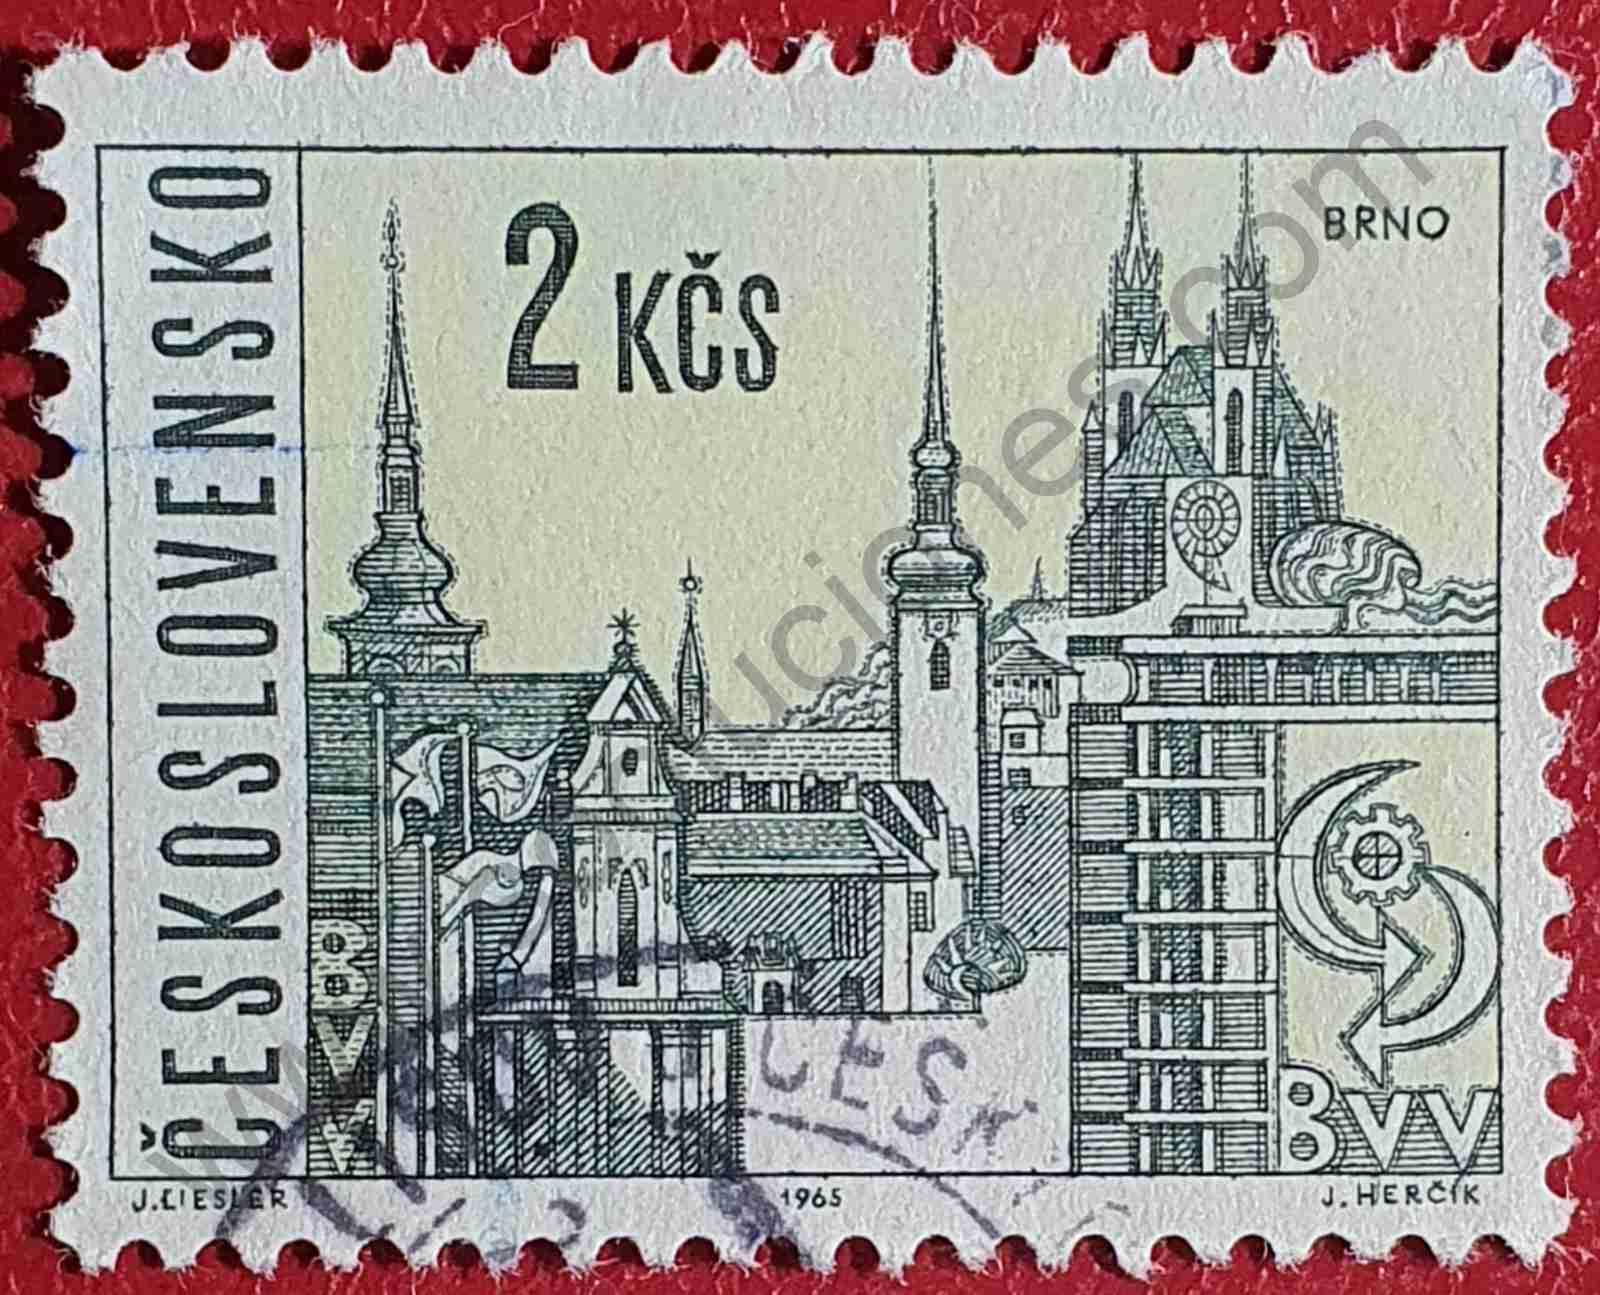 Ciudad de Brno - Sello de Checoslovaquia 1965